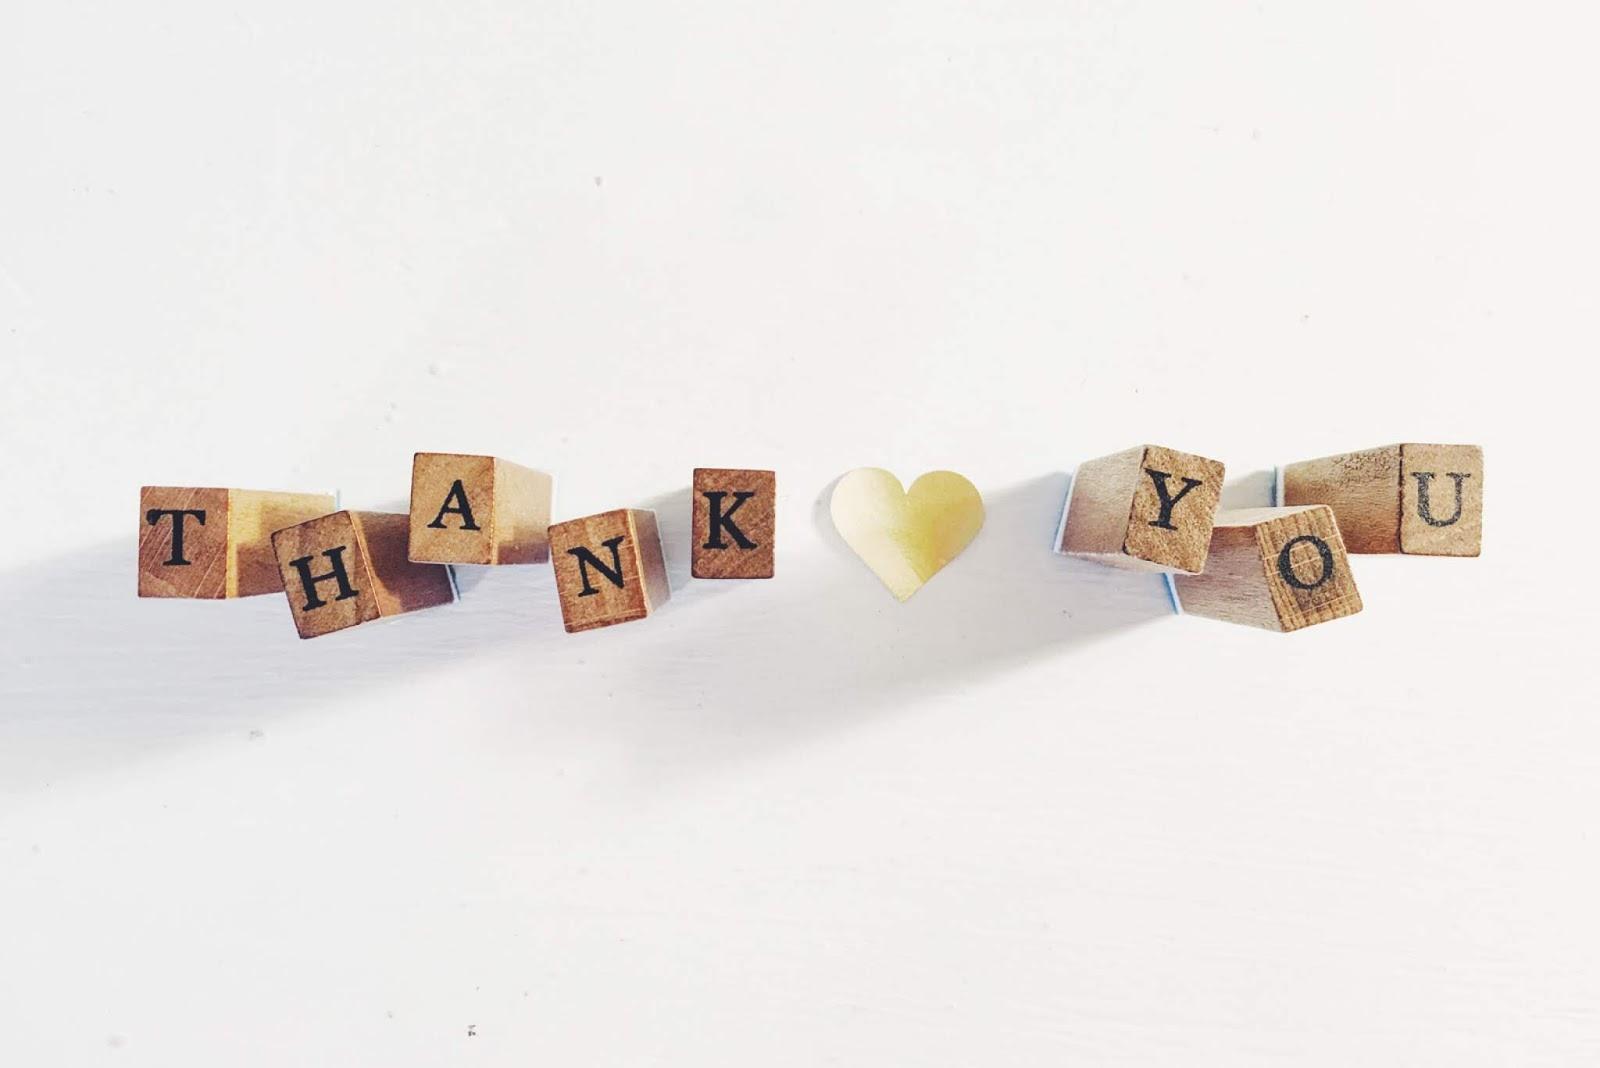 عبارت مختلفة للشكر والرد على الشكر باللغة الإنجليزية